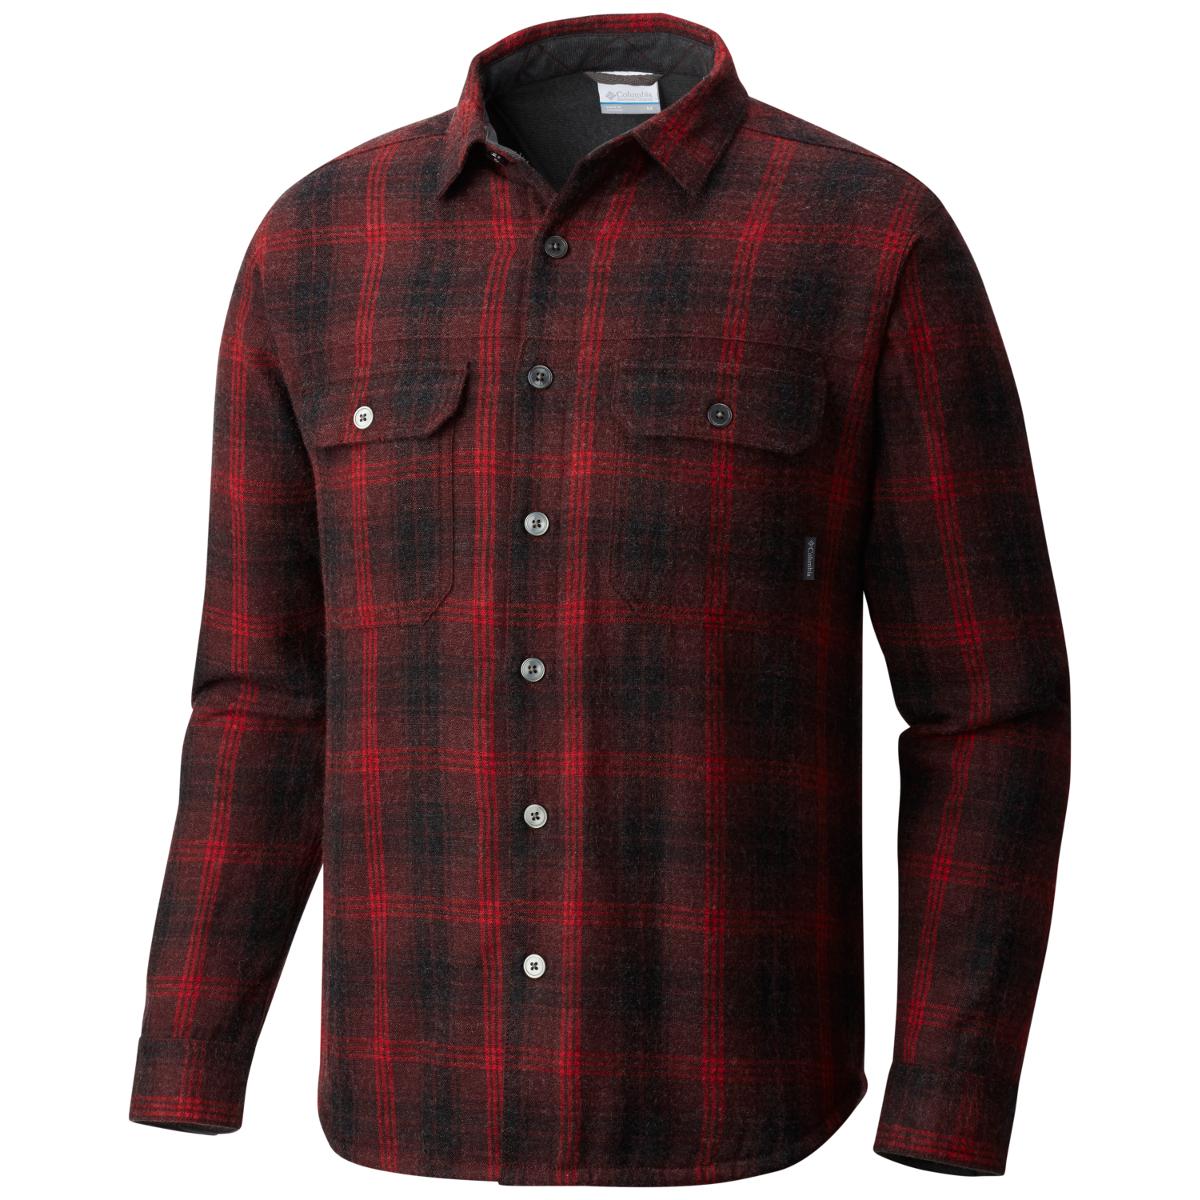 Columbia Men's Windward Iii Over-Shirt - Red, L